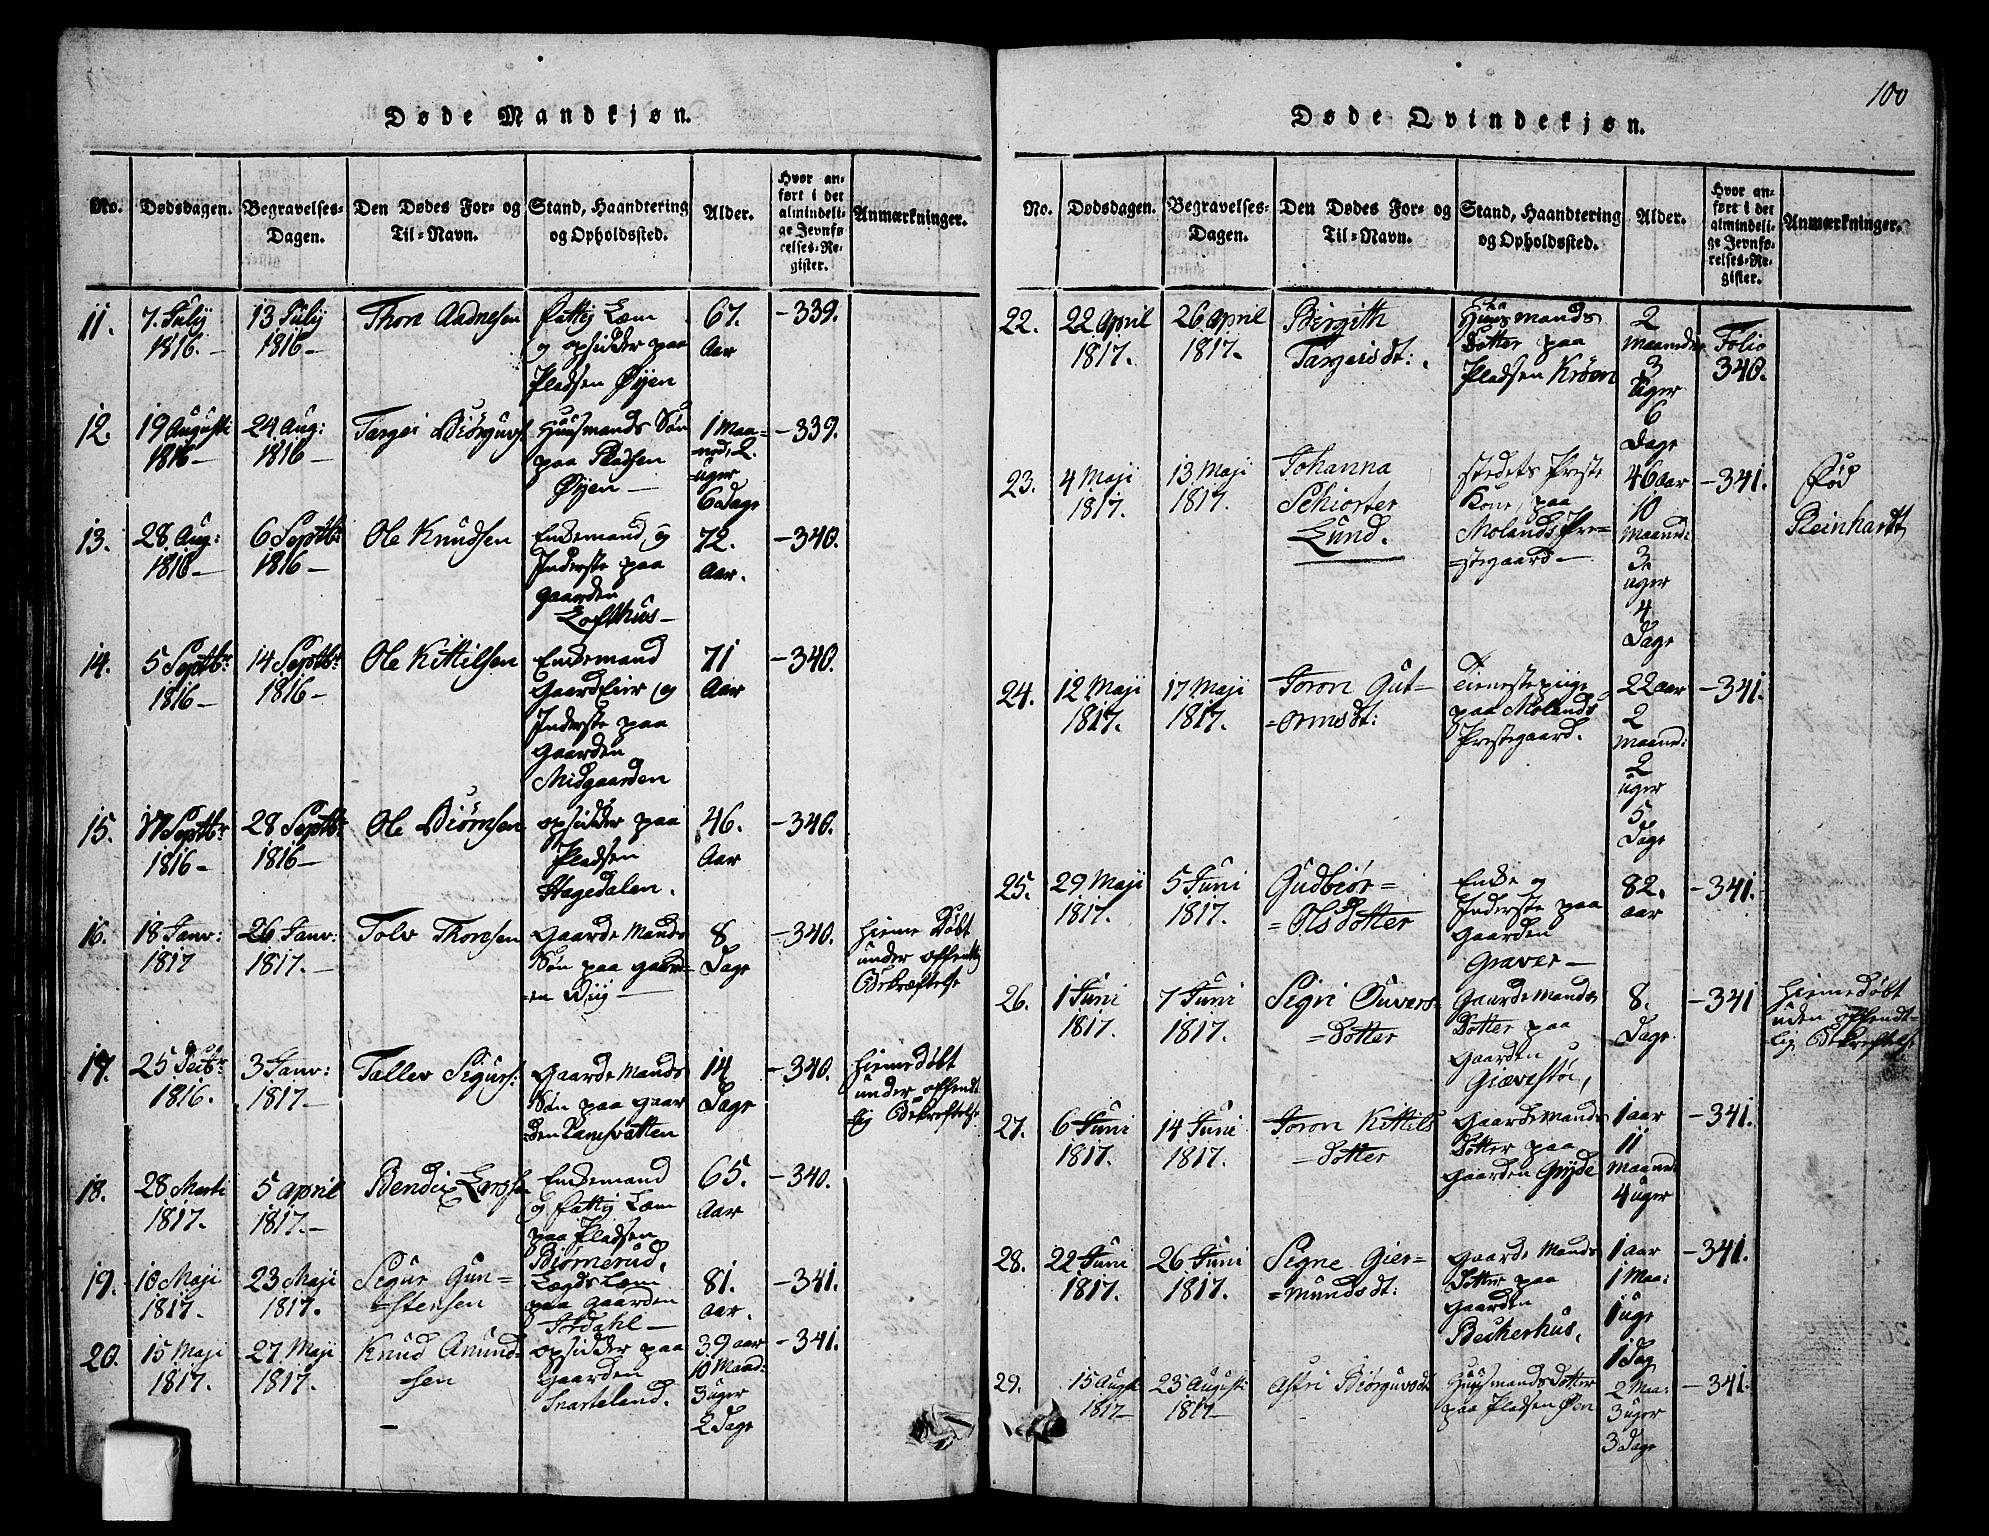 SAKO, Fyresdal kirkebøker, G/Ga/L0001: Klokkerbok nr. I 1, 1816-1840, s. 100